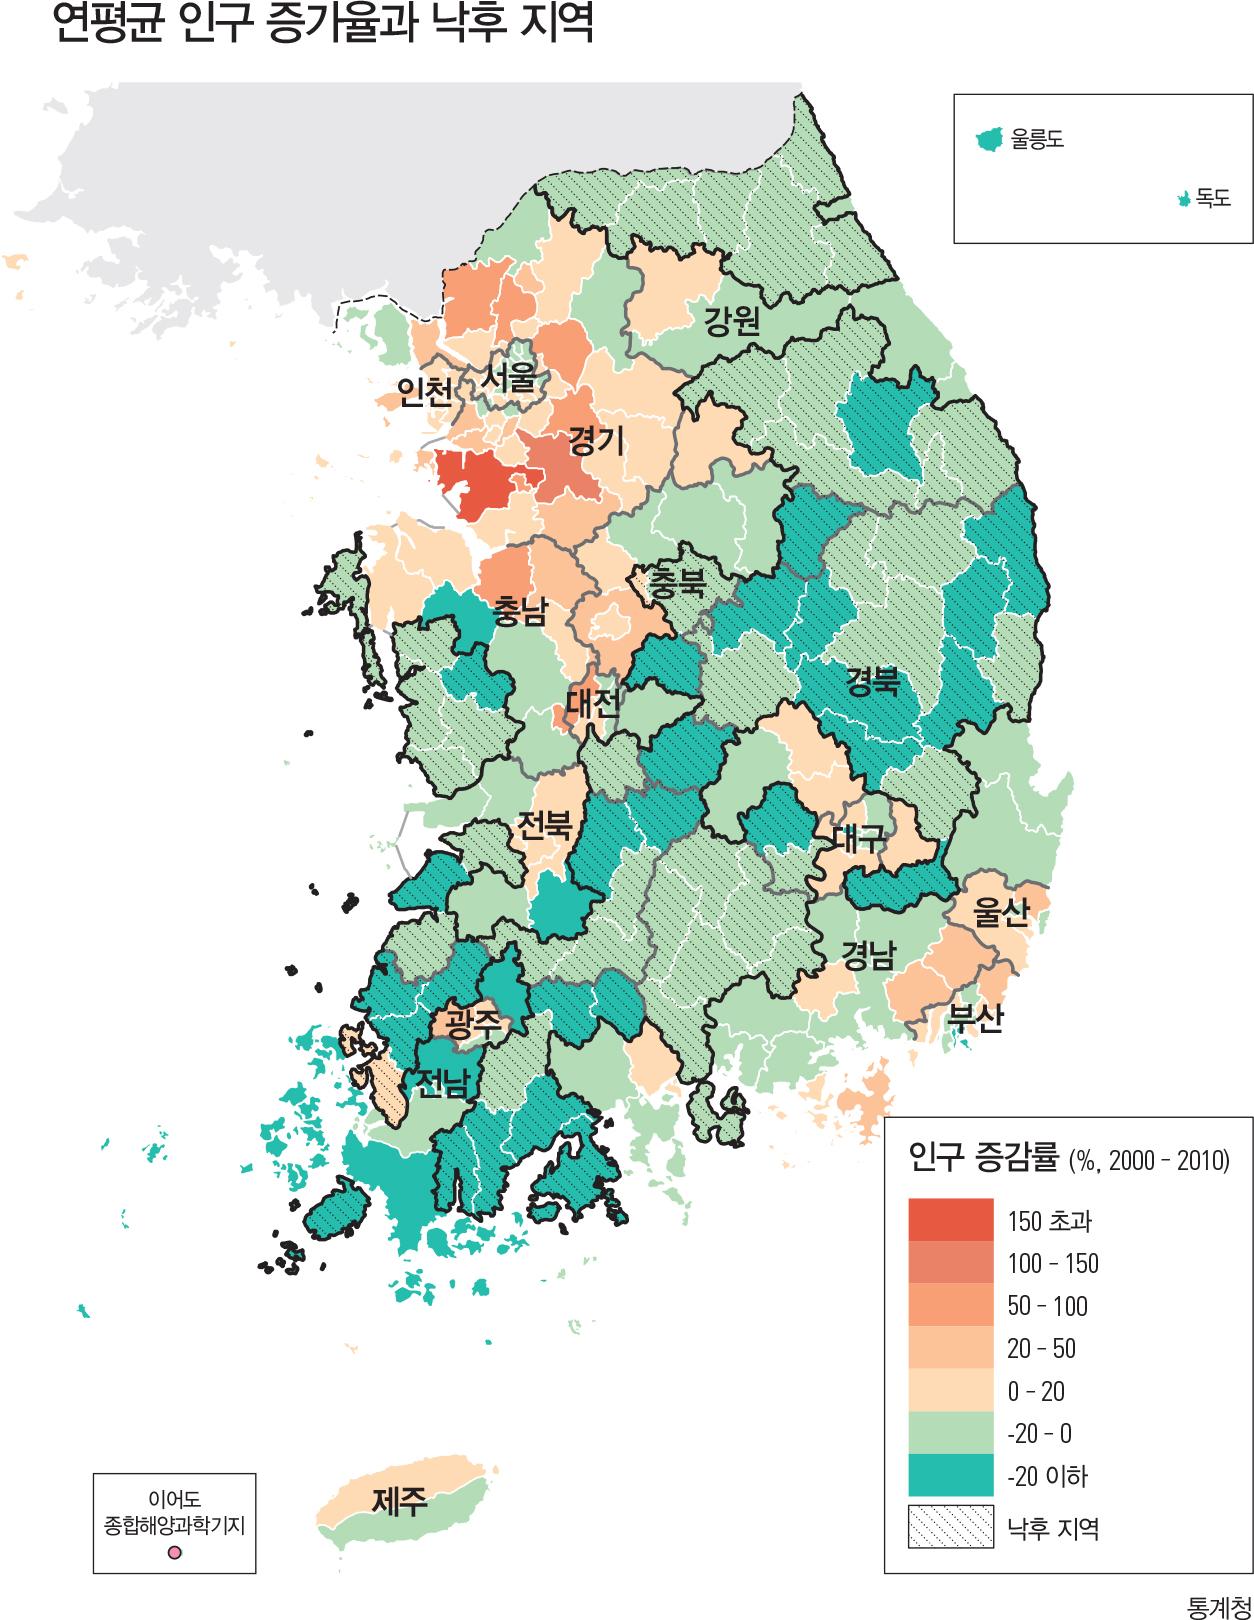 연평균 인구 증가율과 낙후 지역